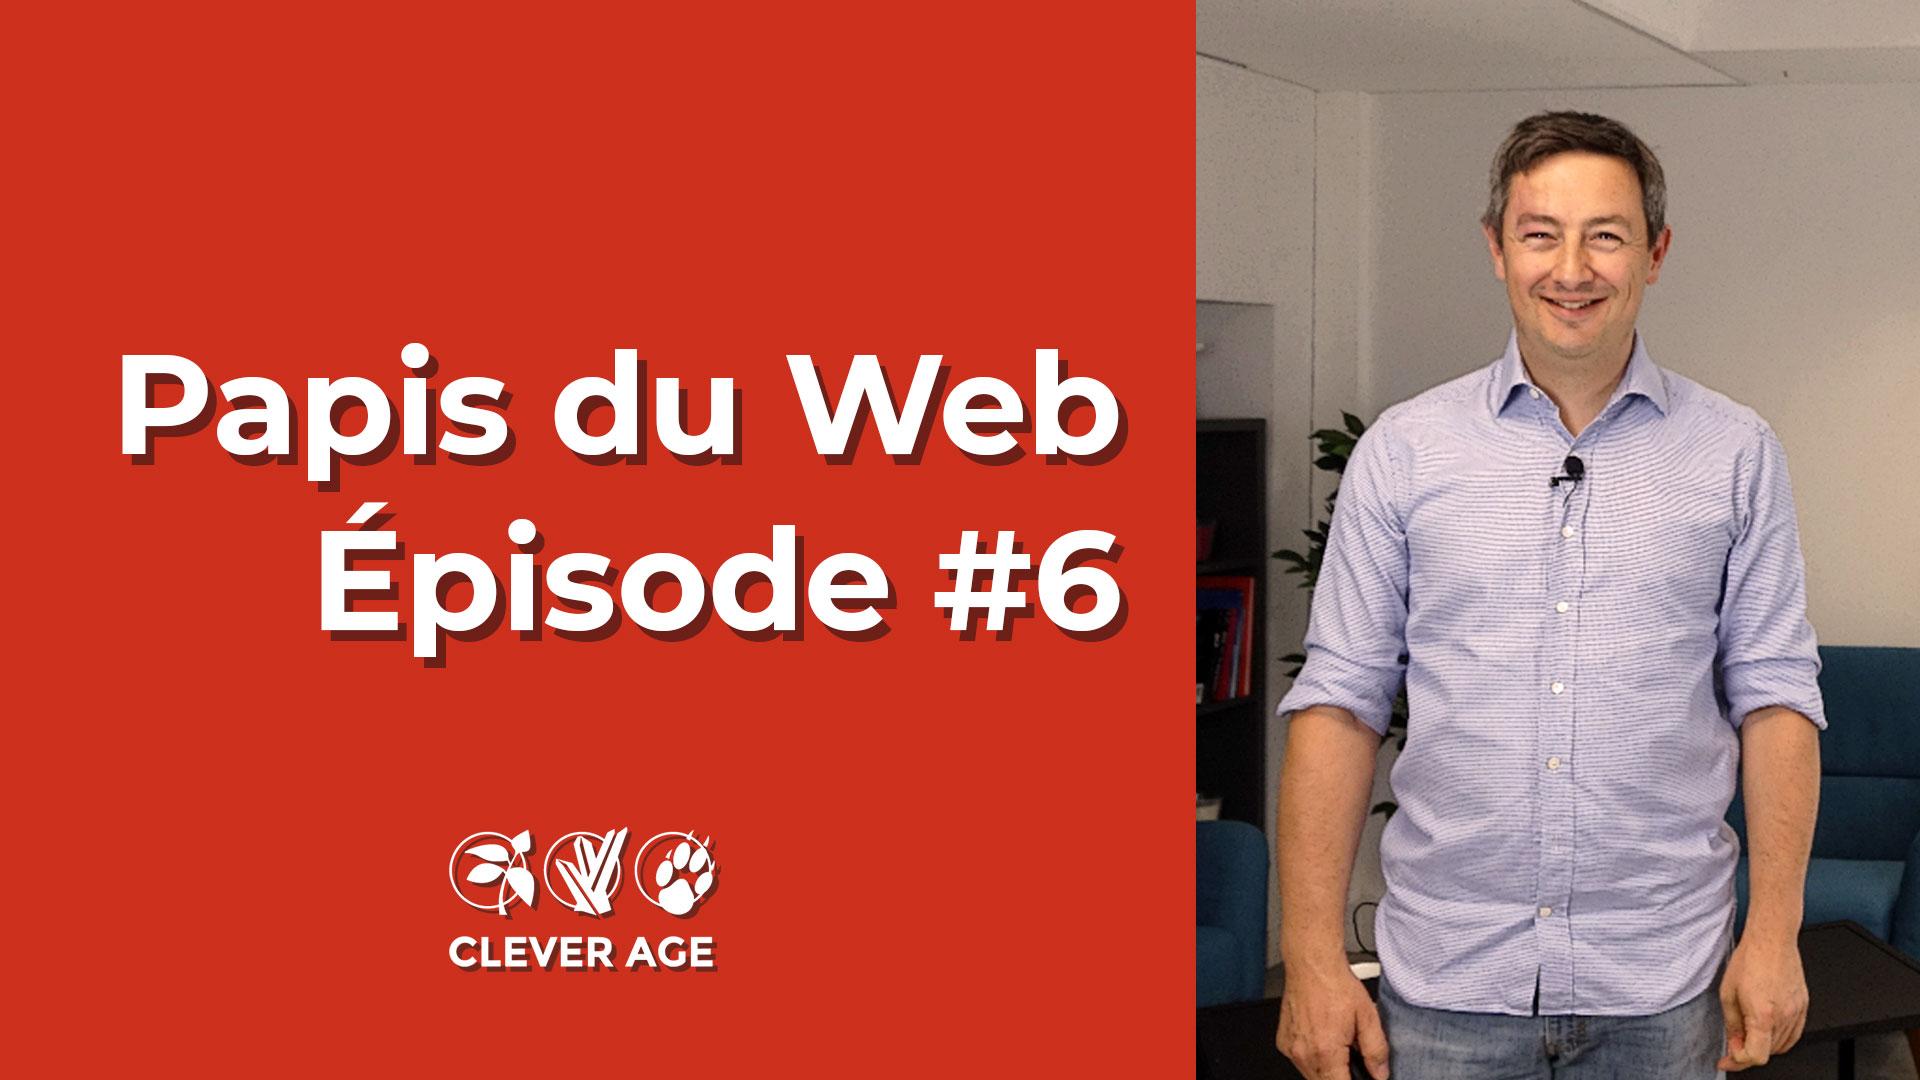 Les Papis du Web #6